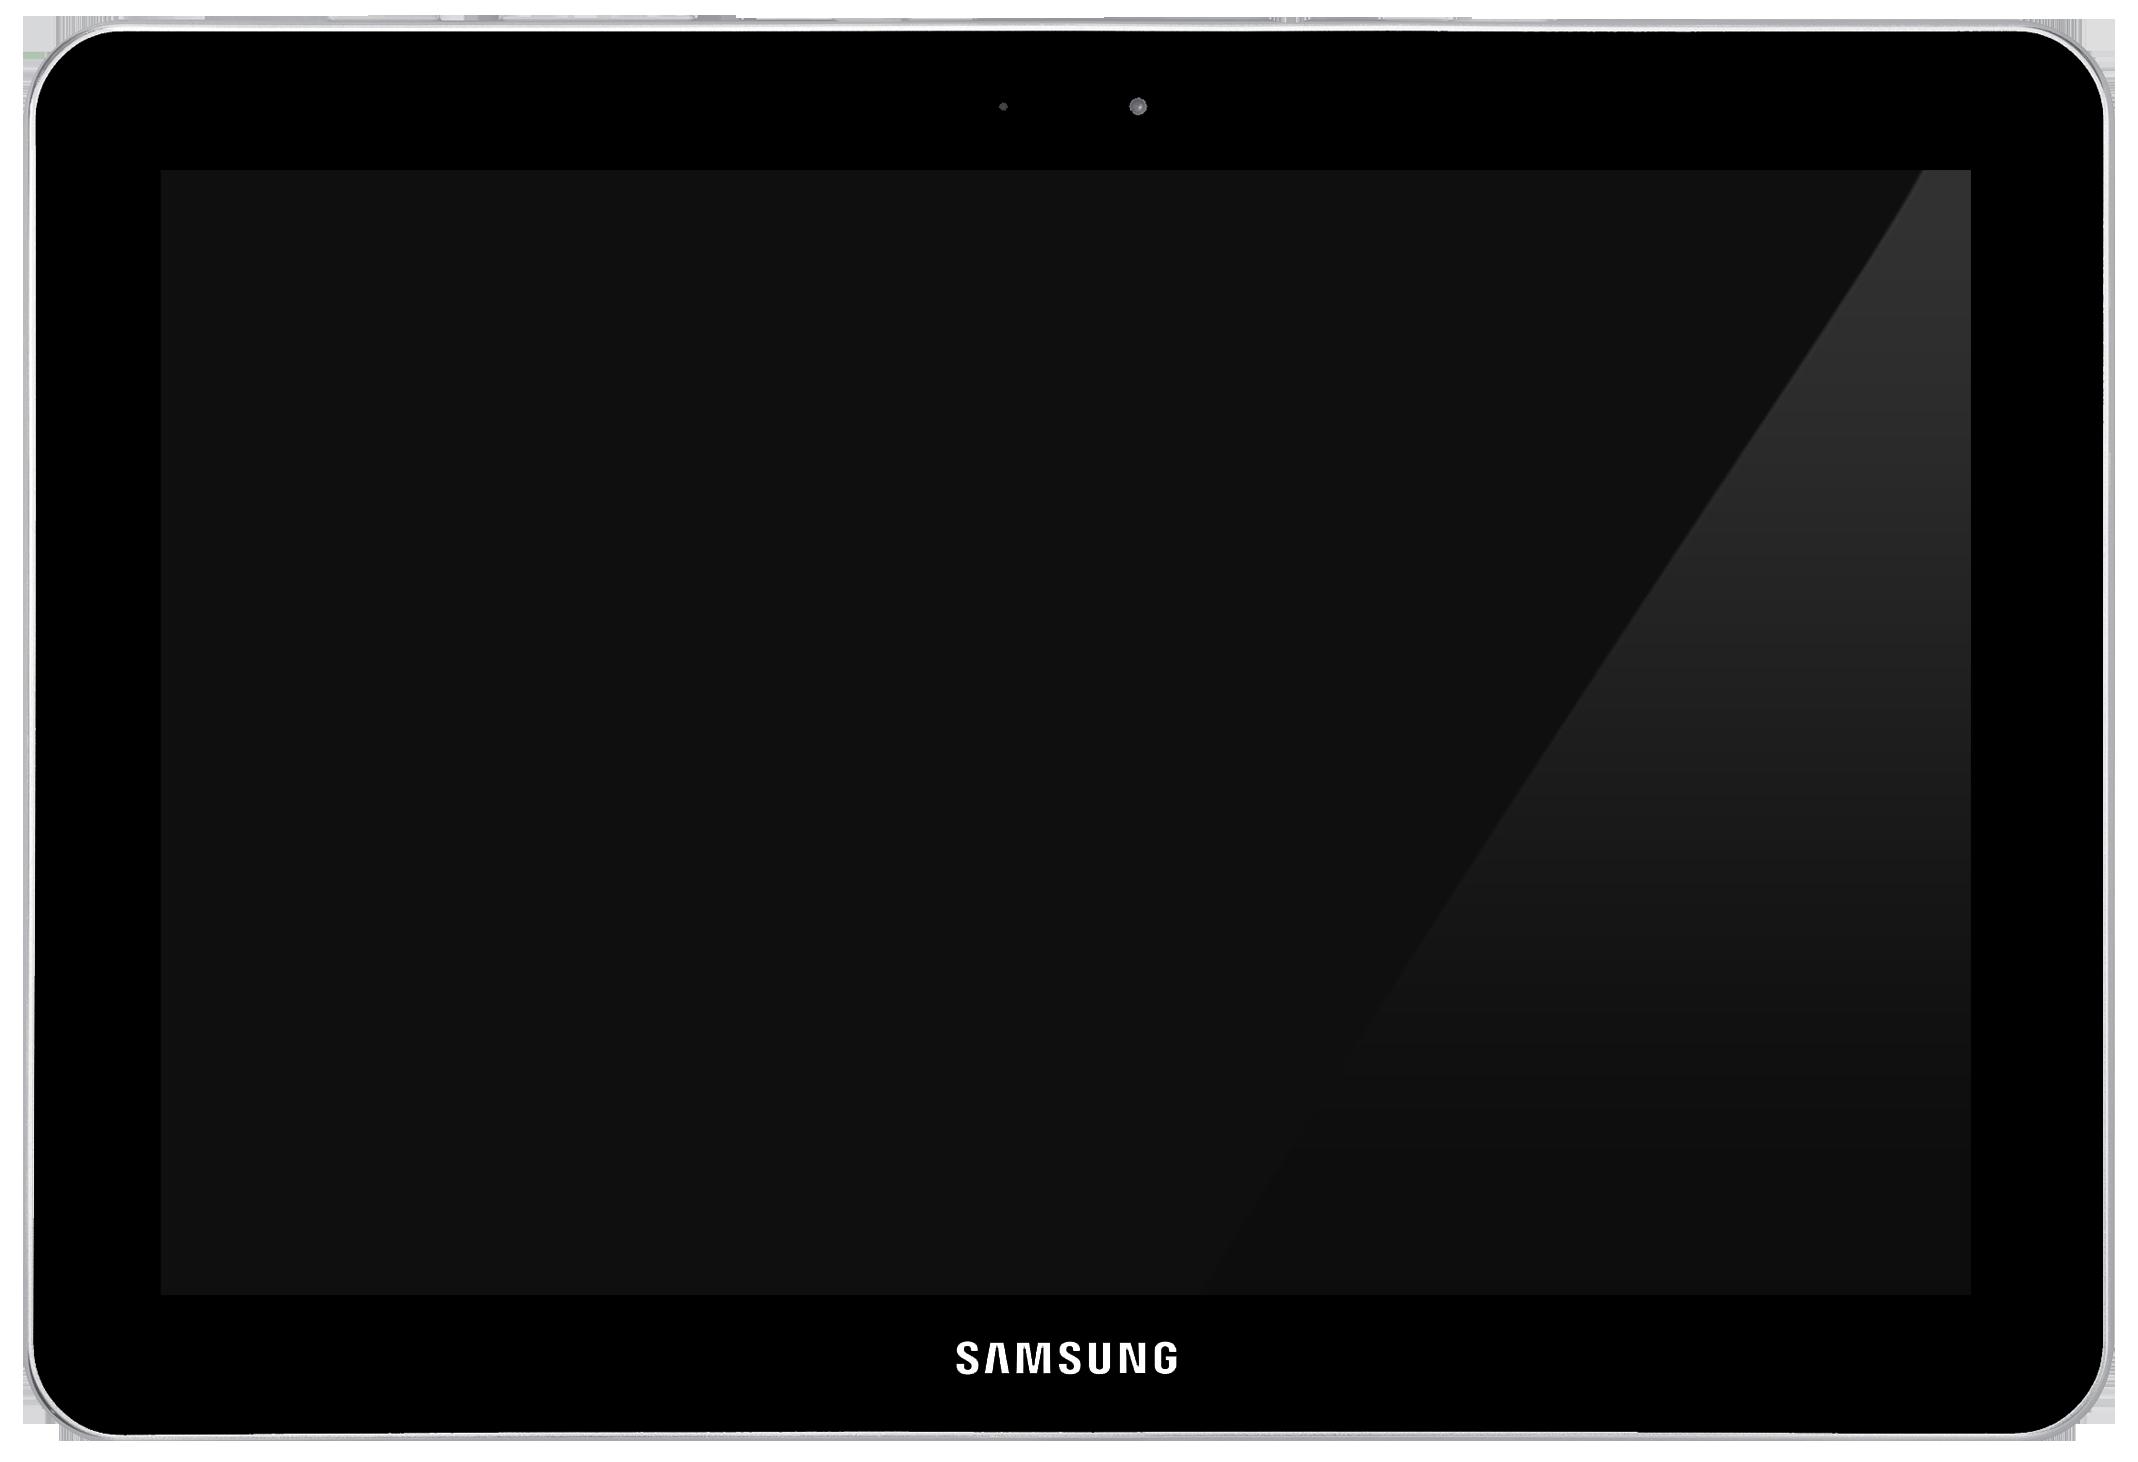 Samsung Galaxy Tab 8.9 by GadgetsGuy